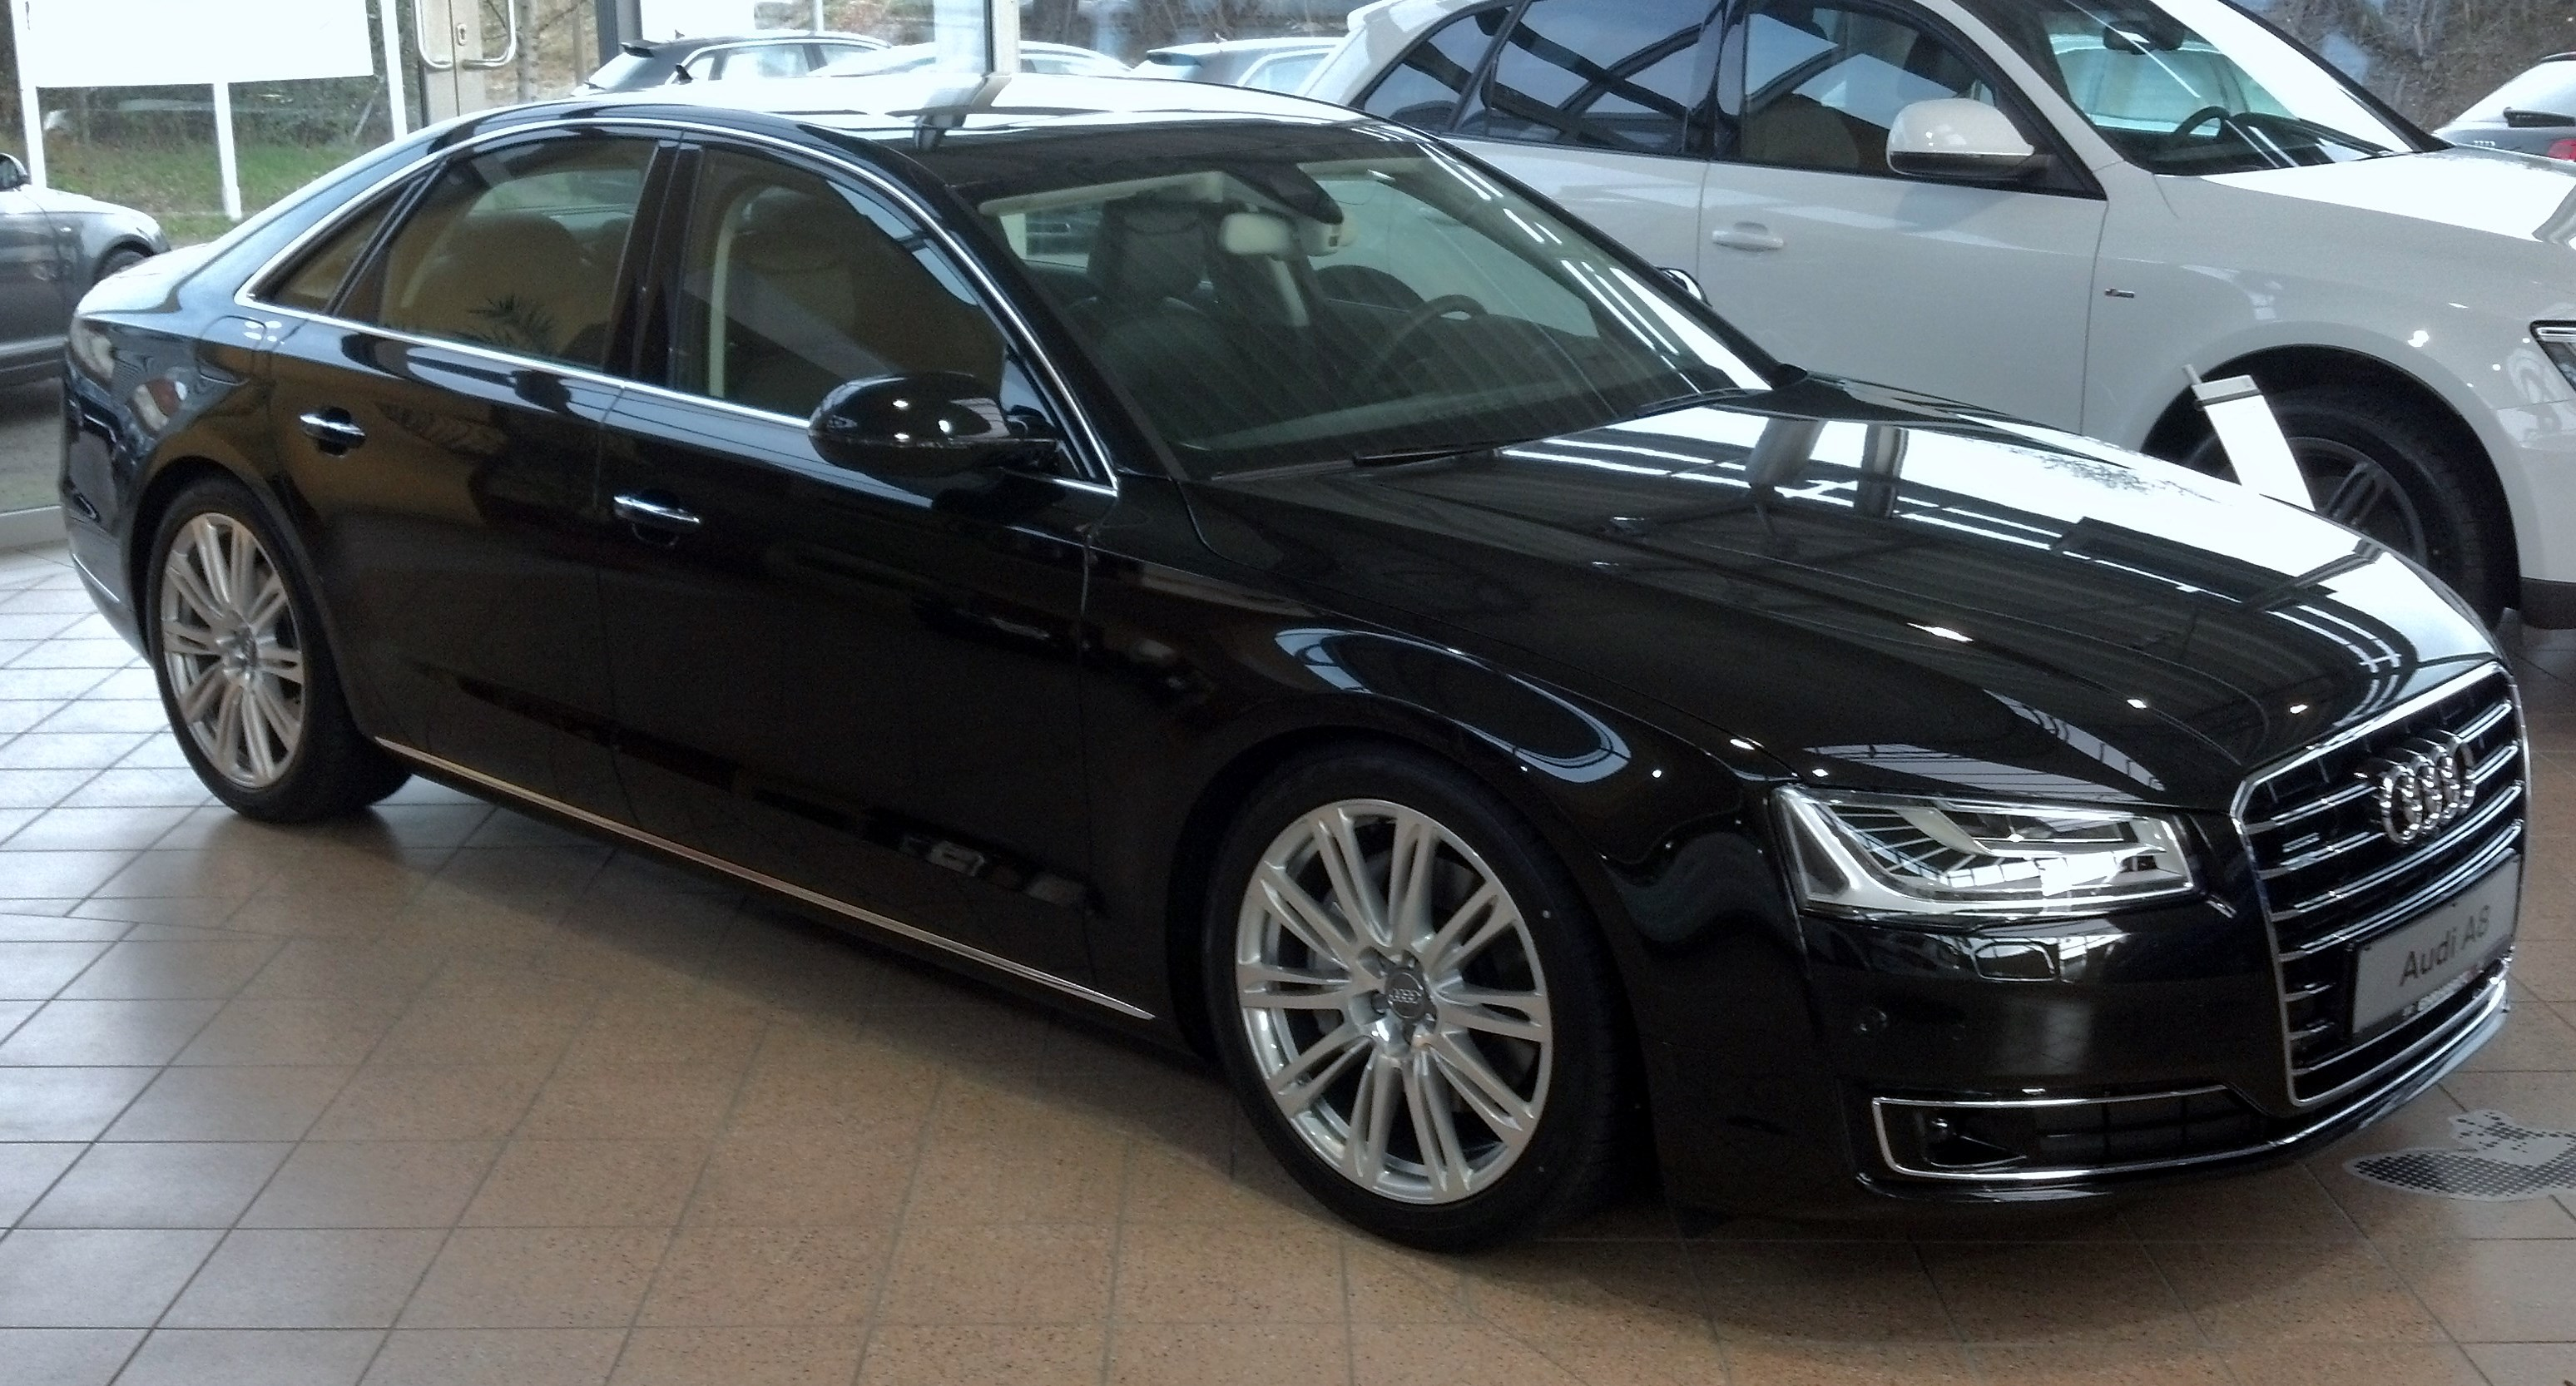 Kelebihan Kekurangan Audi A8 Tdi Tangguh